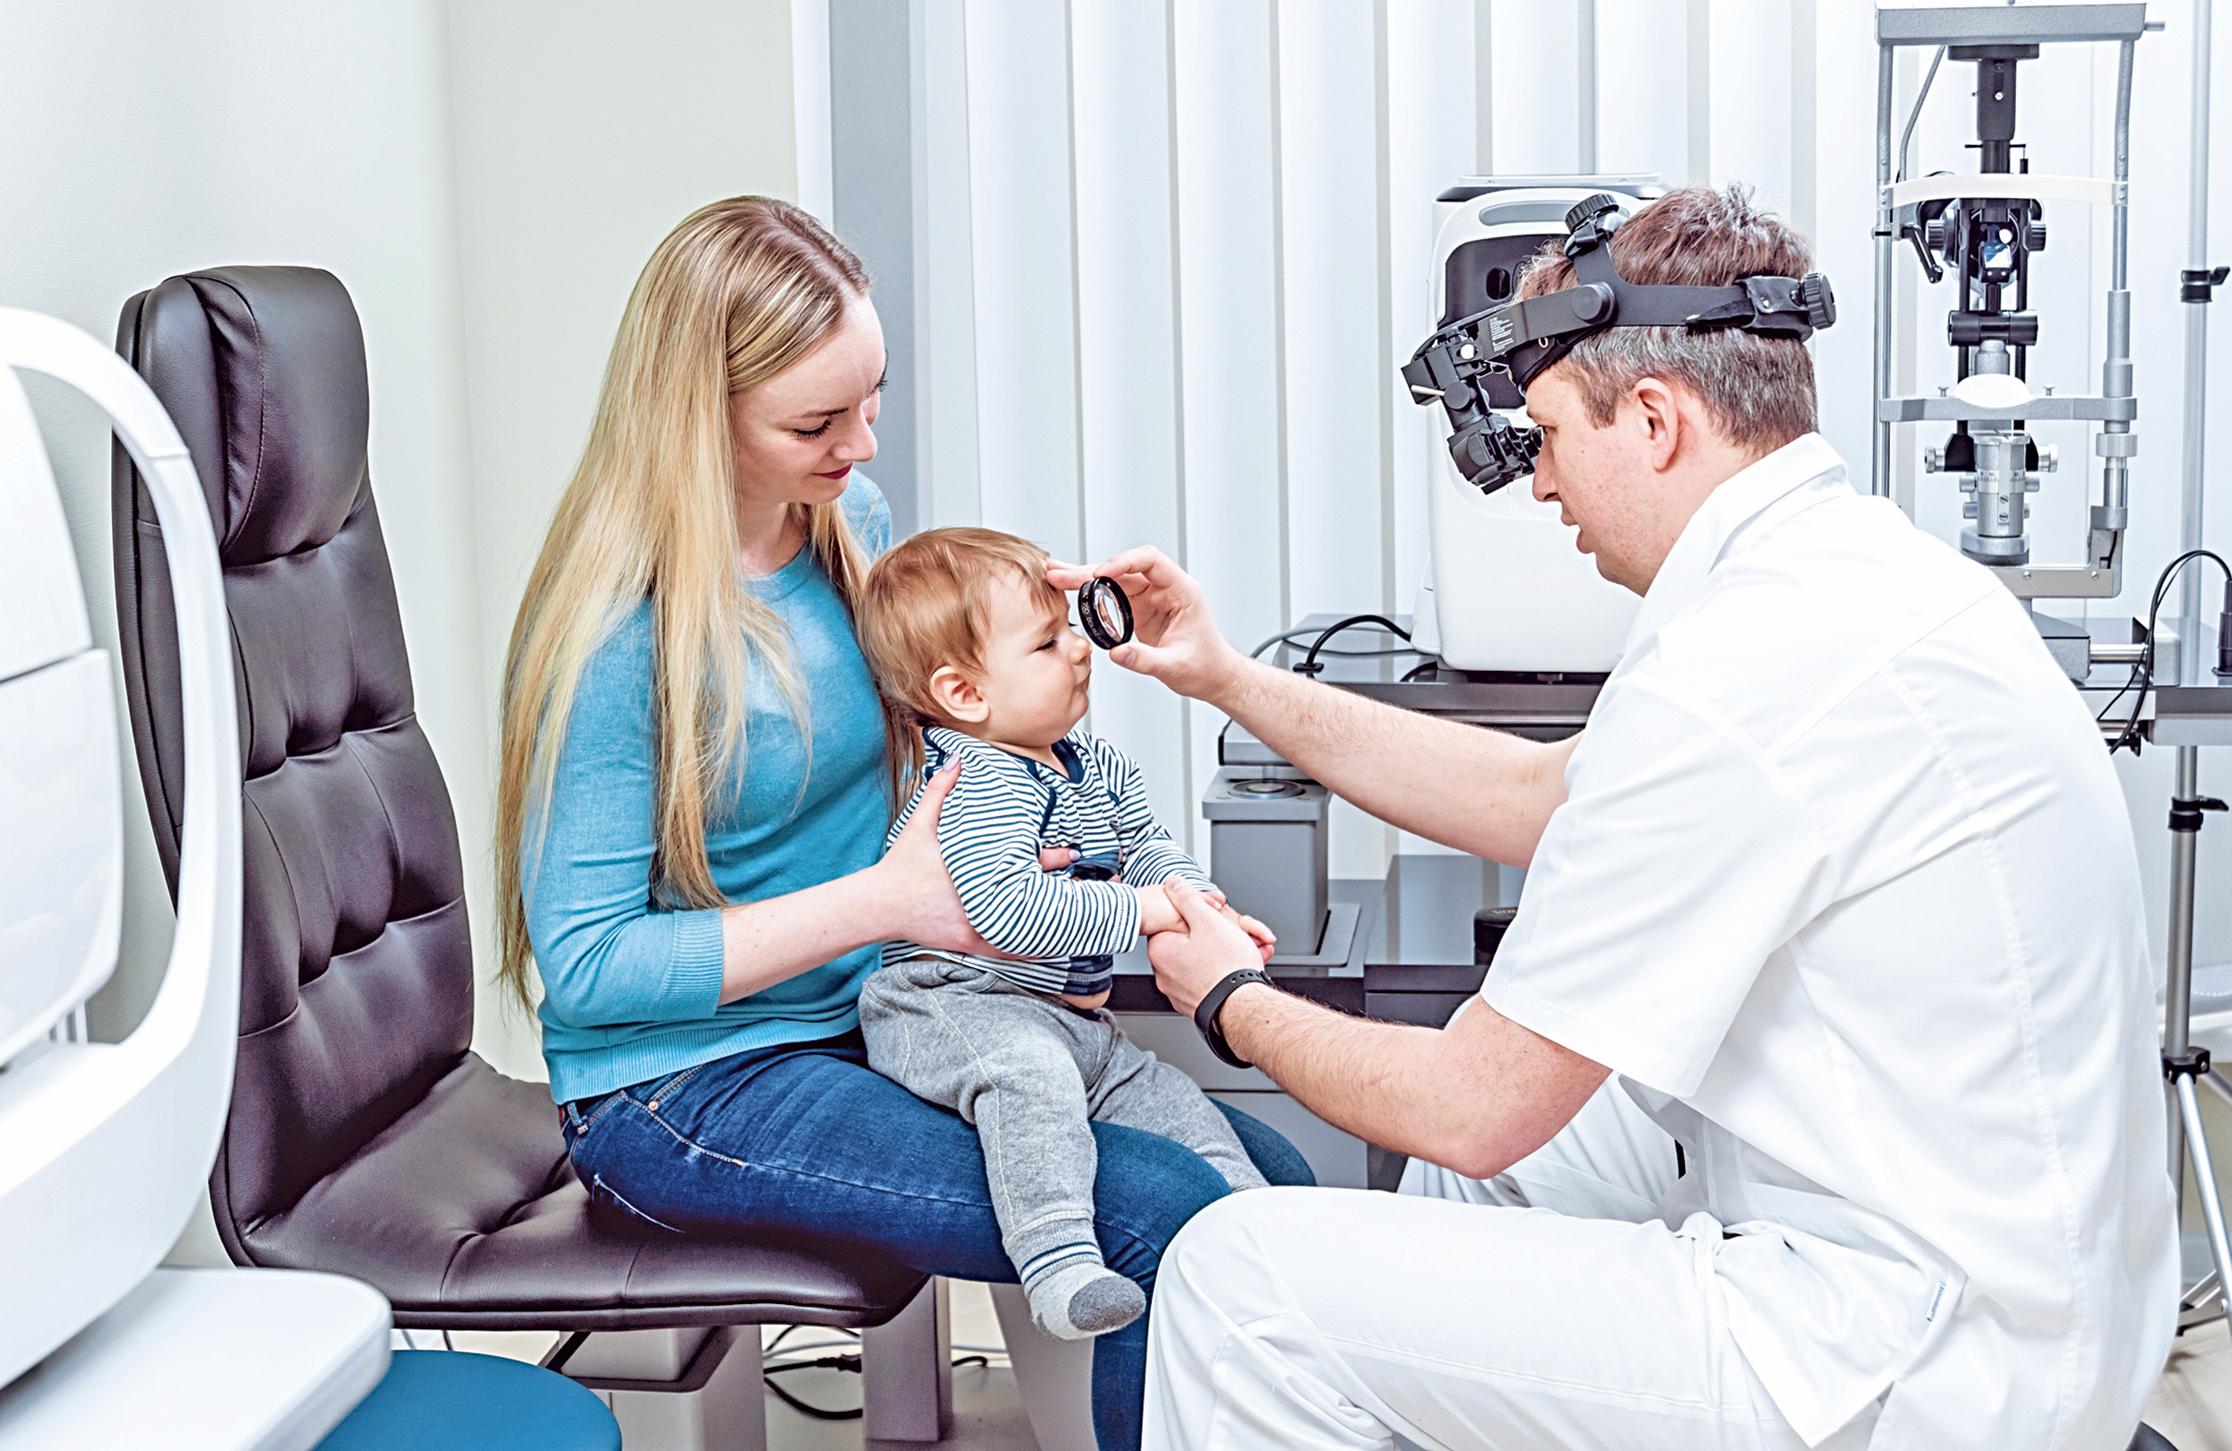 兒童斜弱視 把握視覺發育期